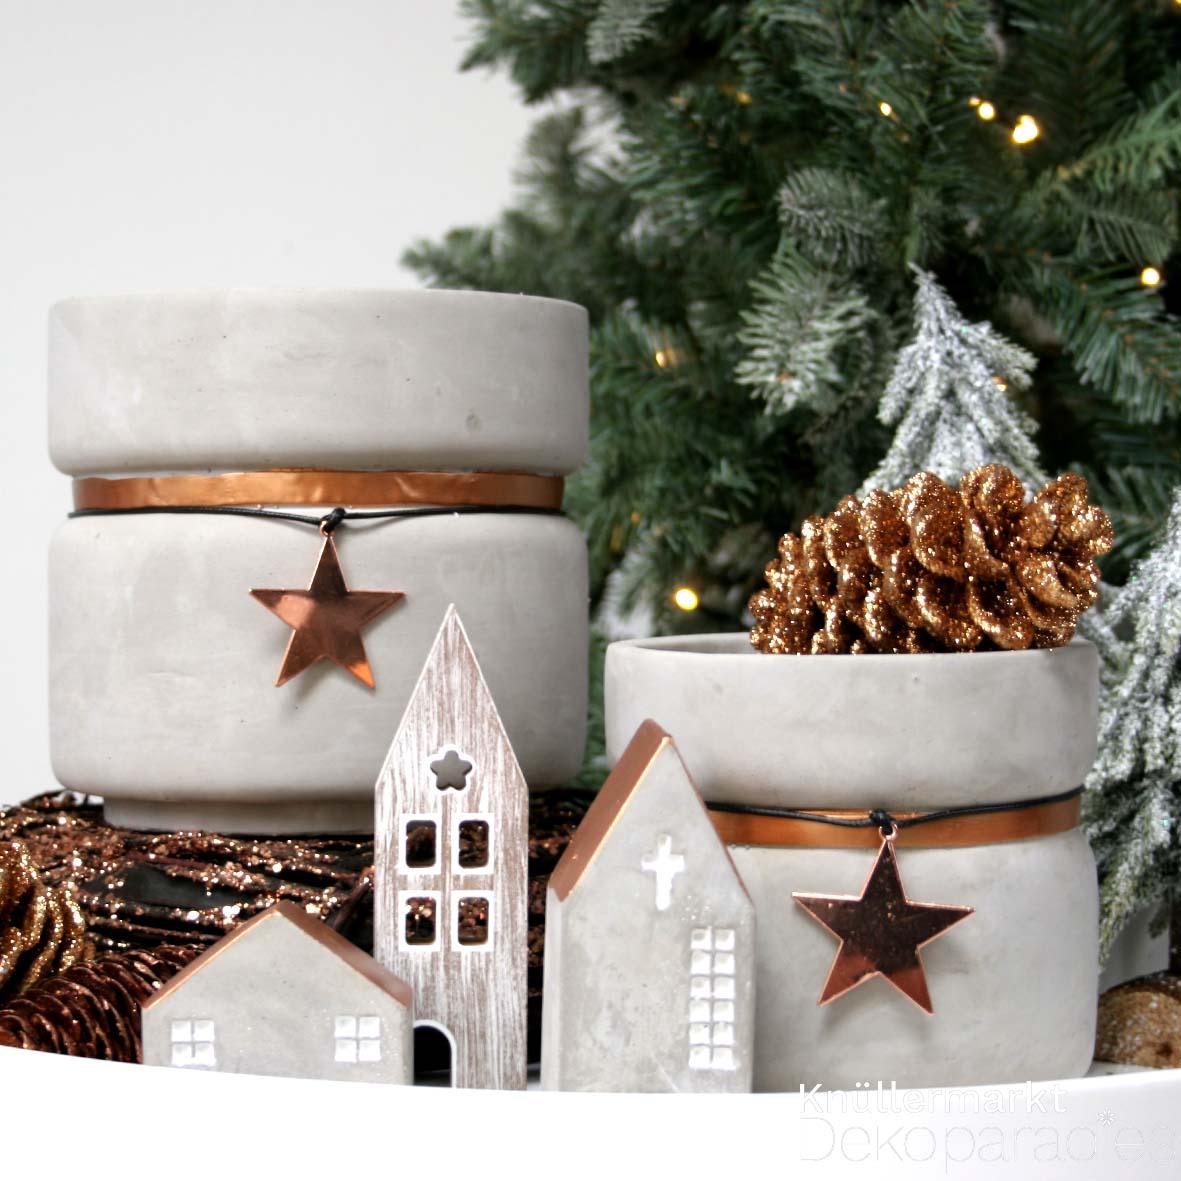 Weihnachten kn llermarkt dekoparadies - Deko weihnachten basteln ...